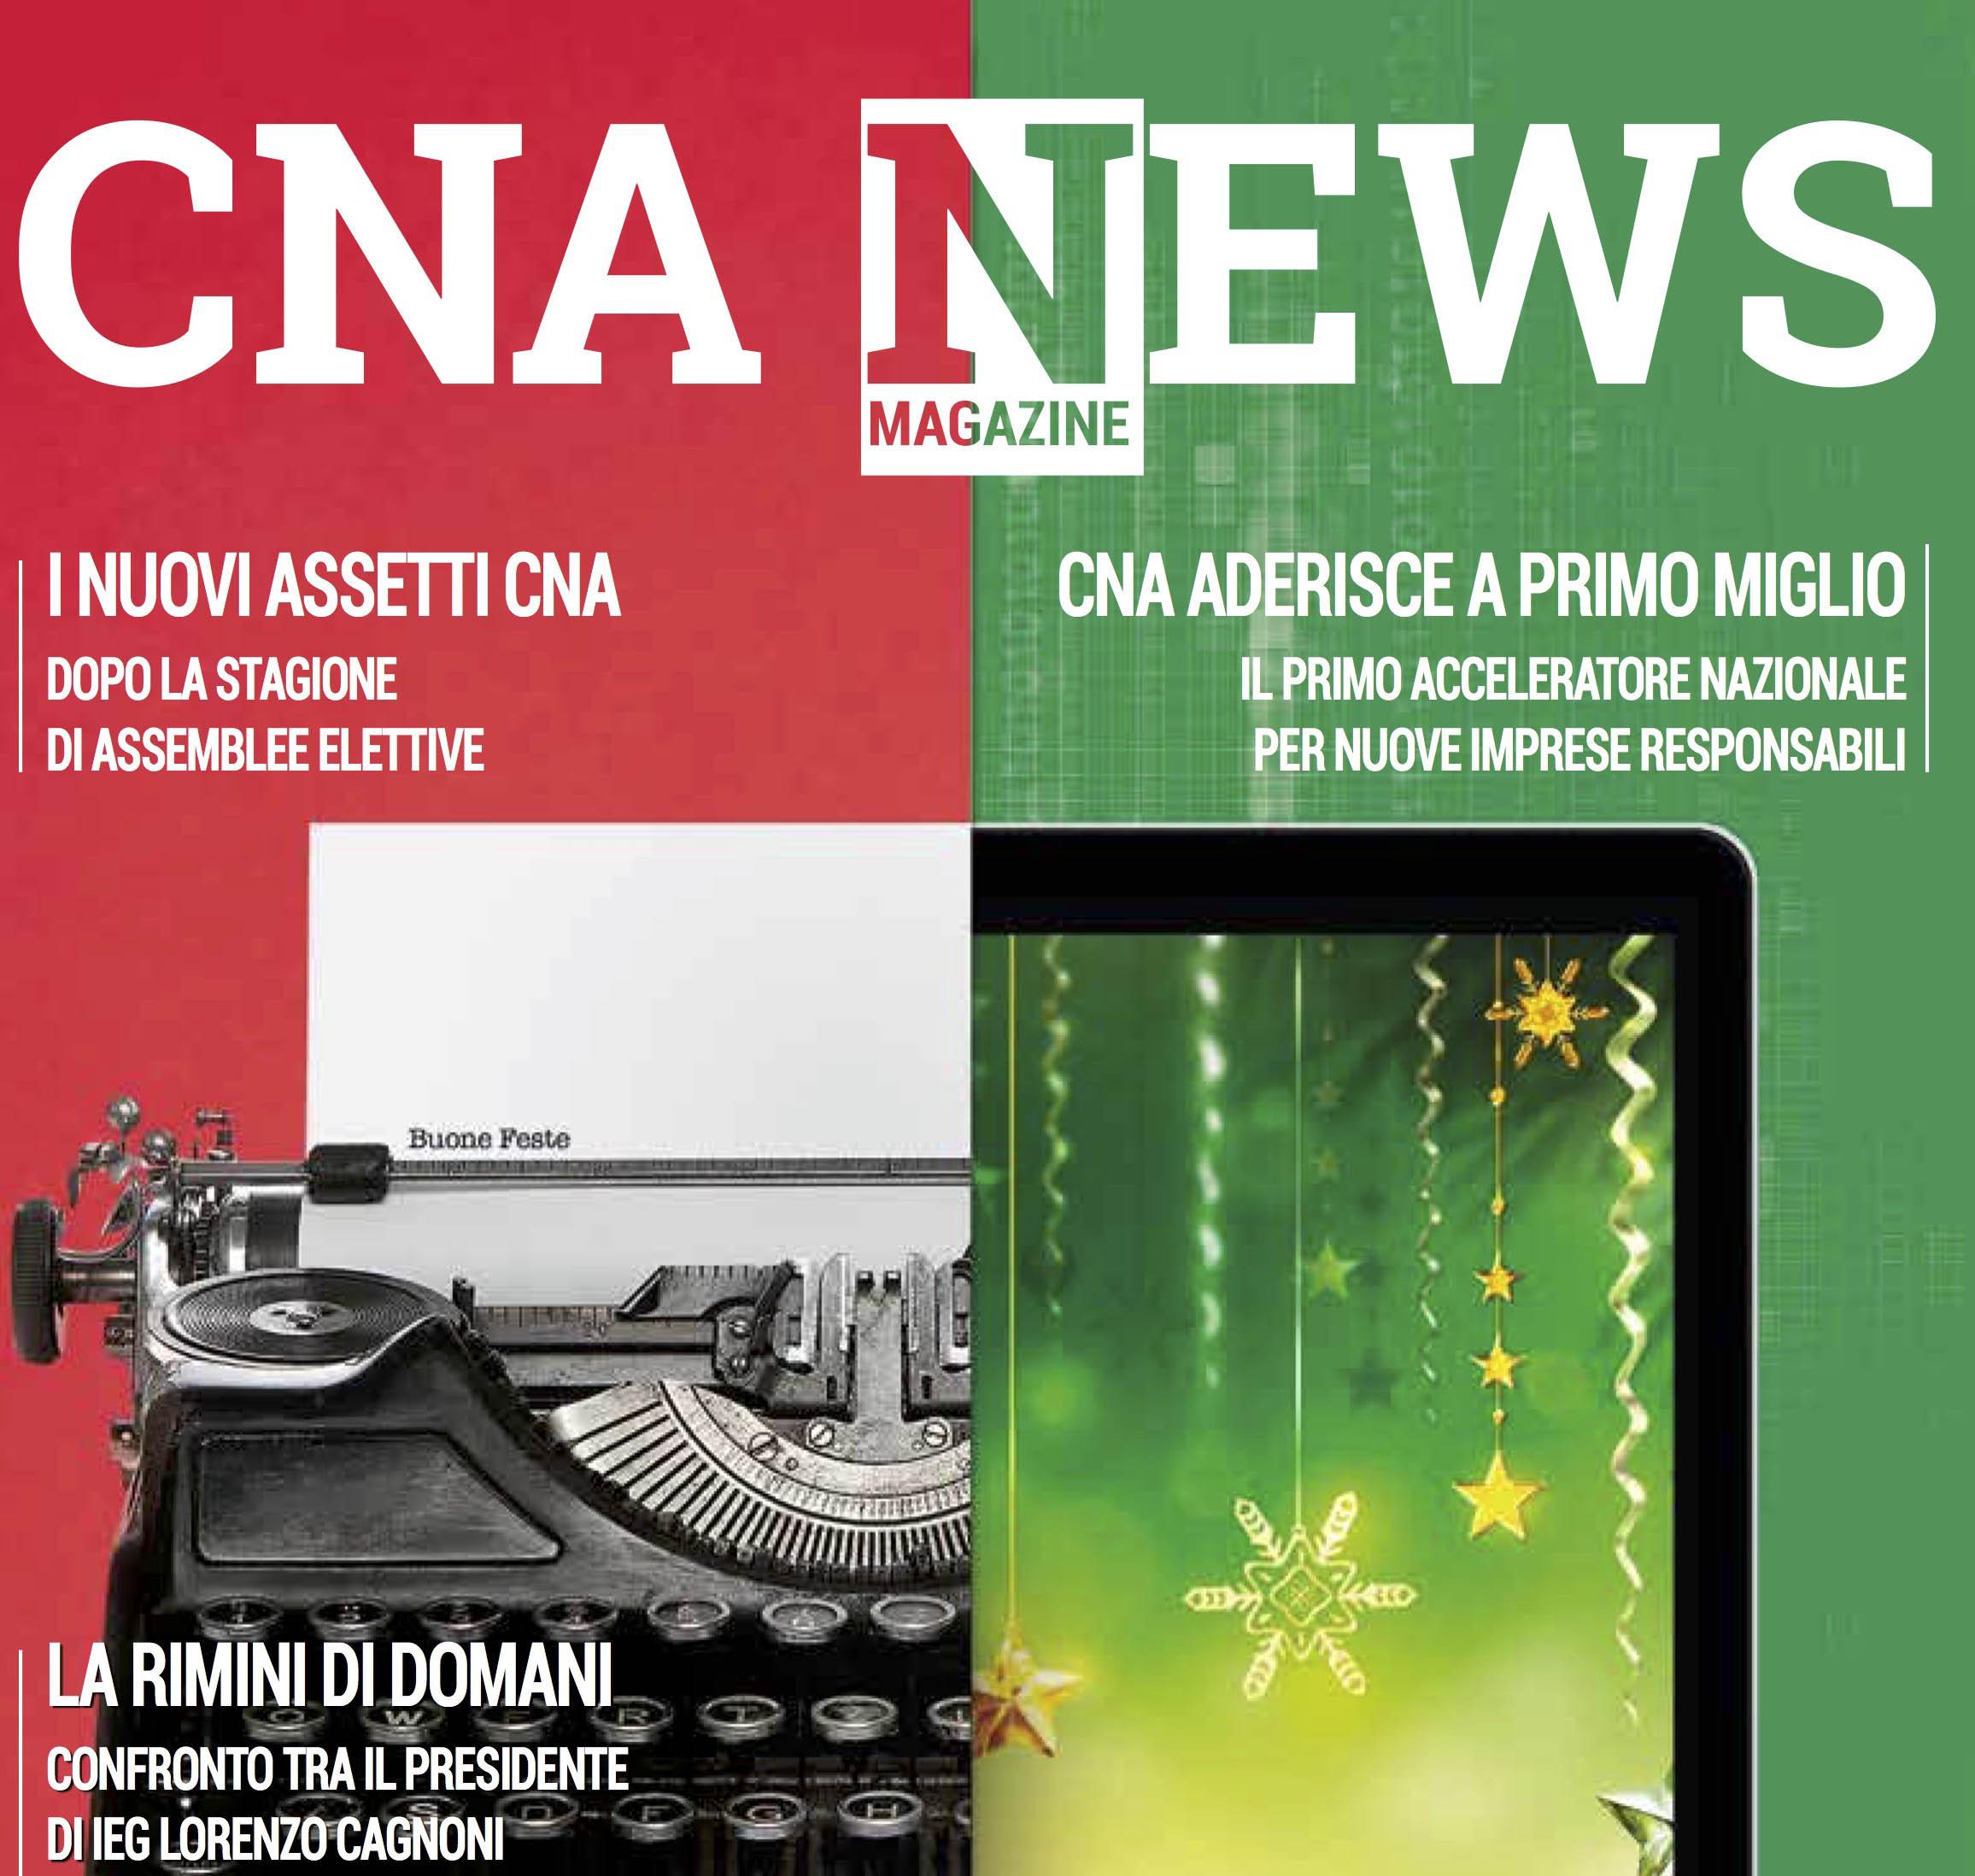 CNA NEWS MAGAZINE